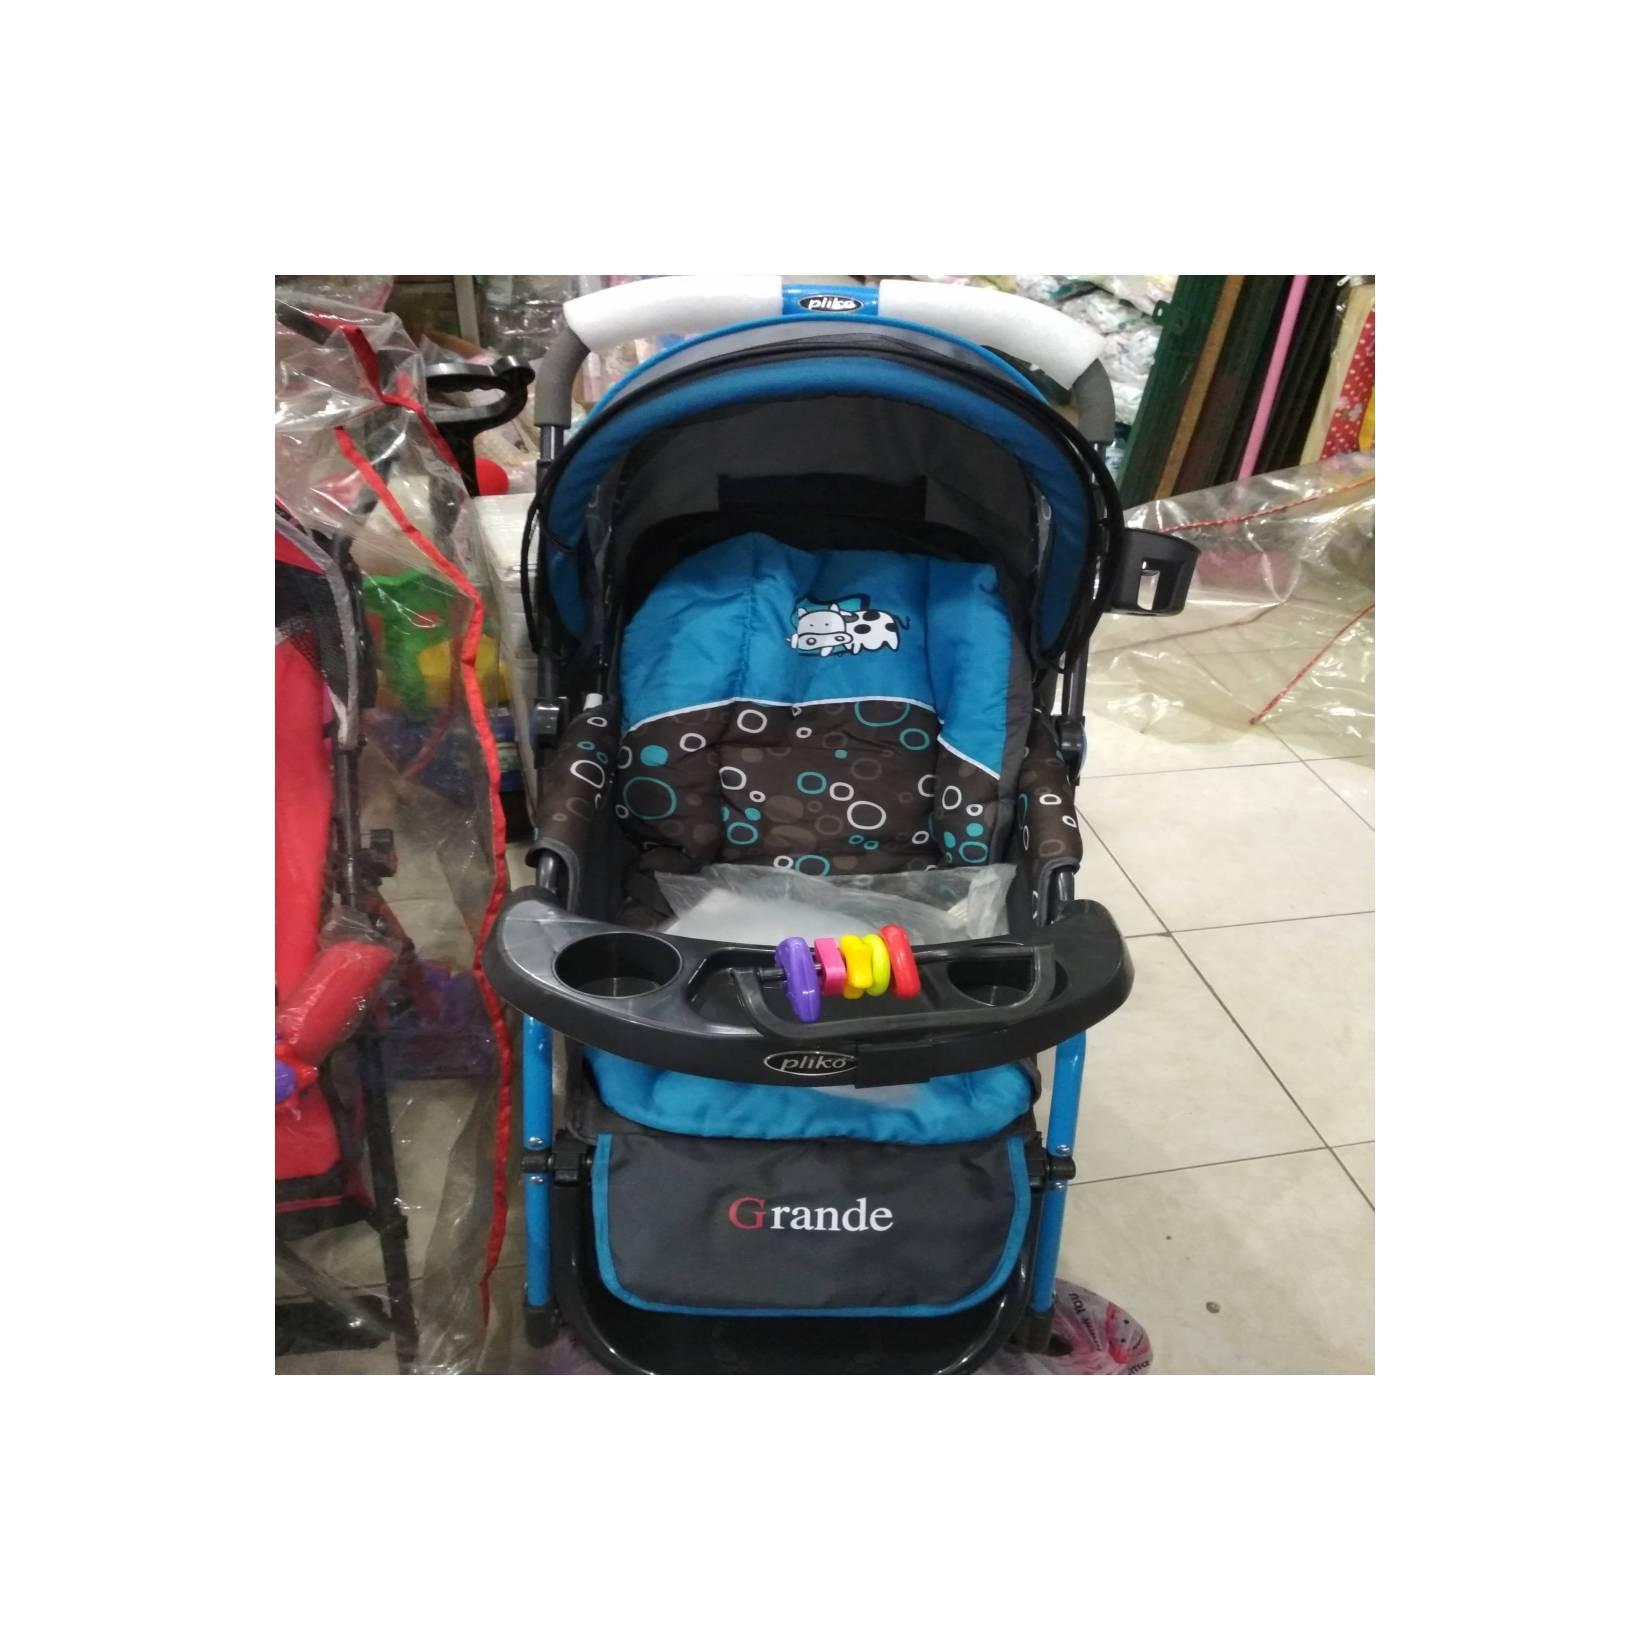 stroller bayi pliko grande / roda 4 warna biru